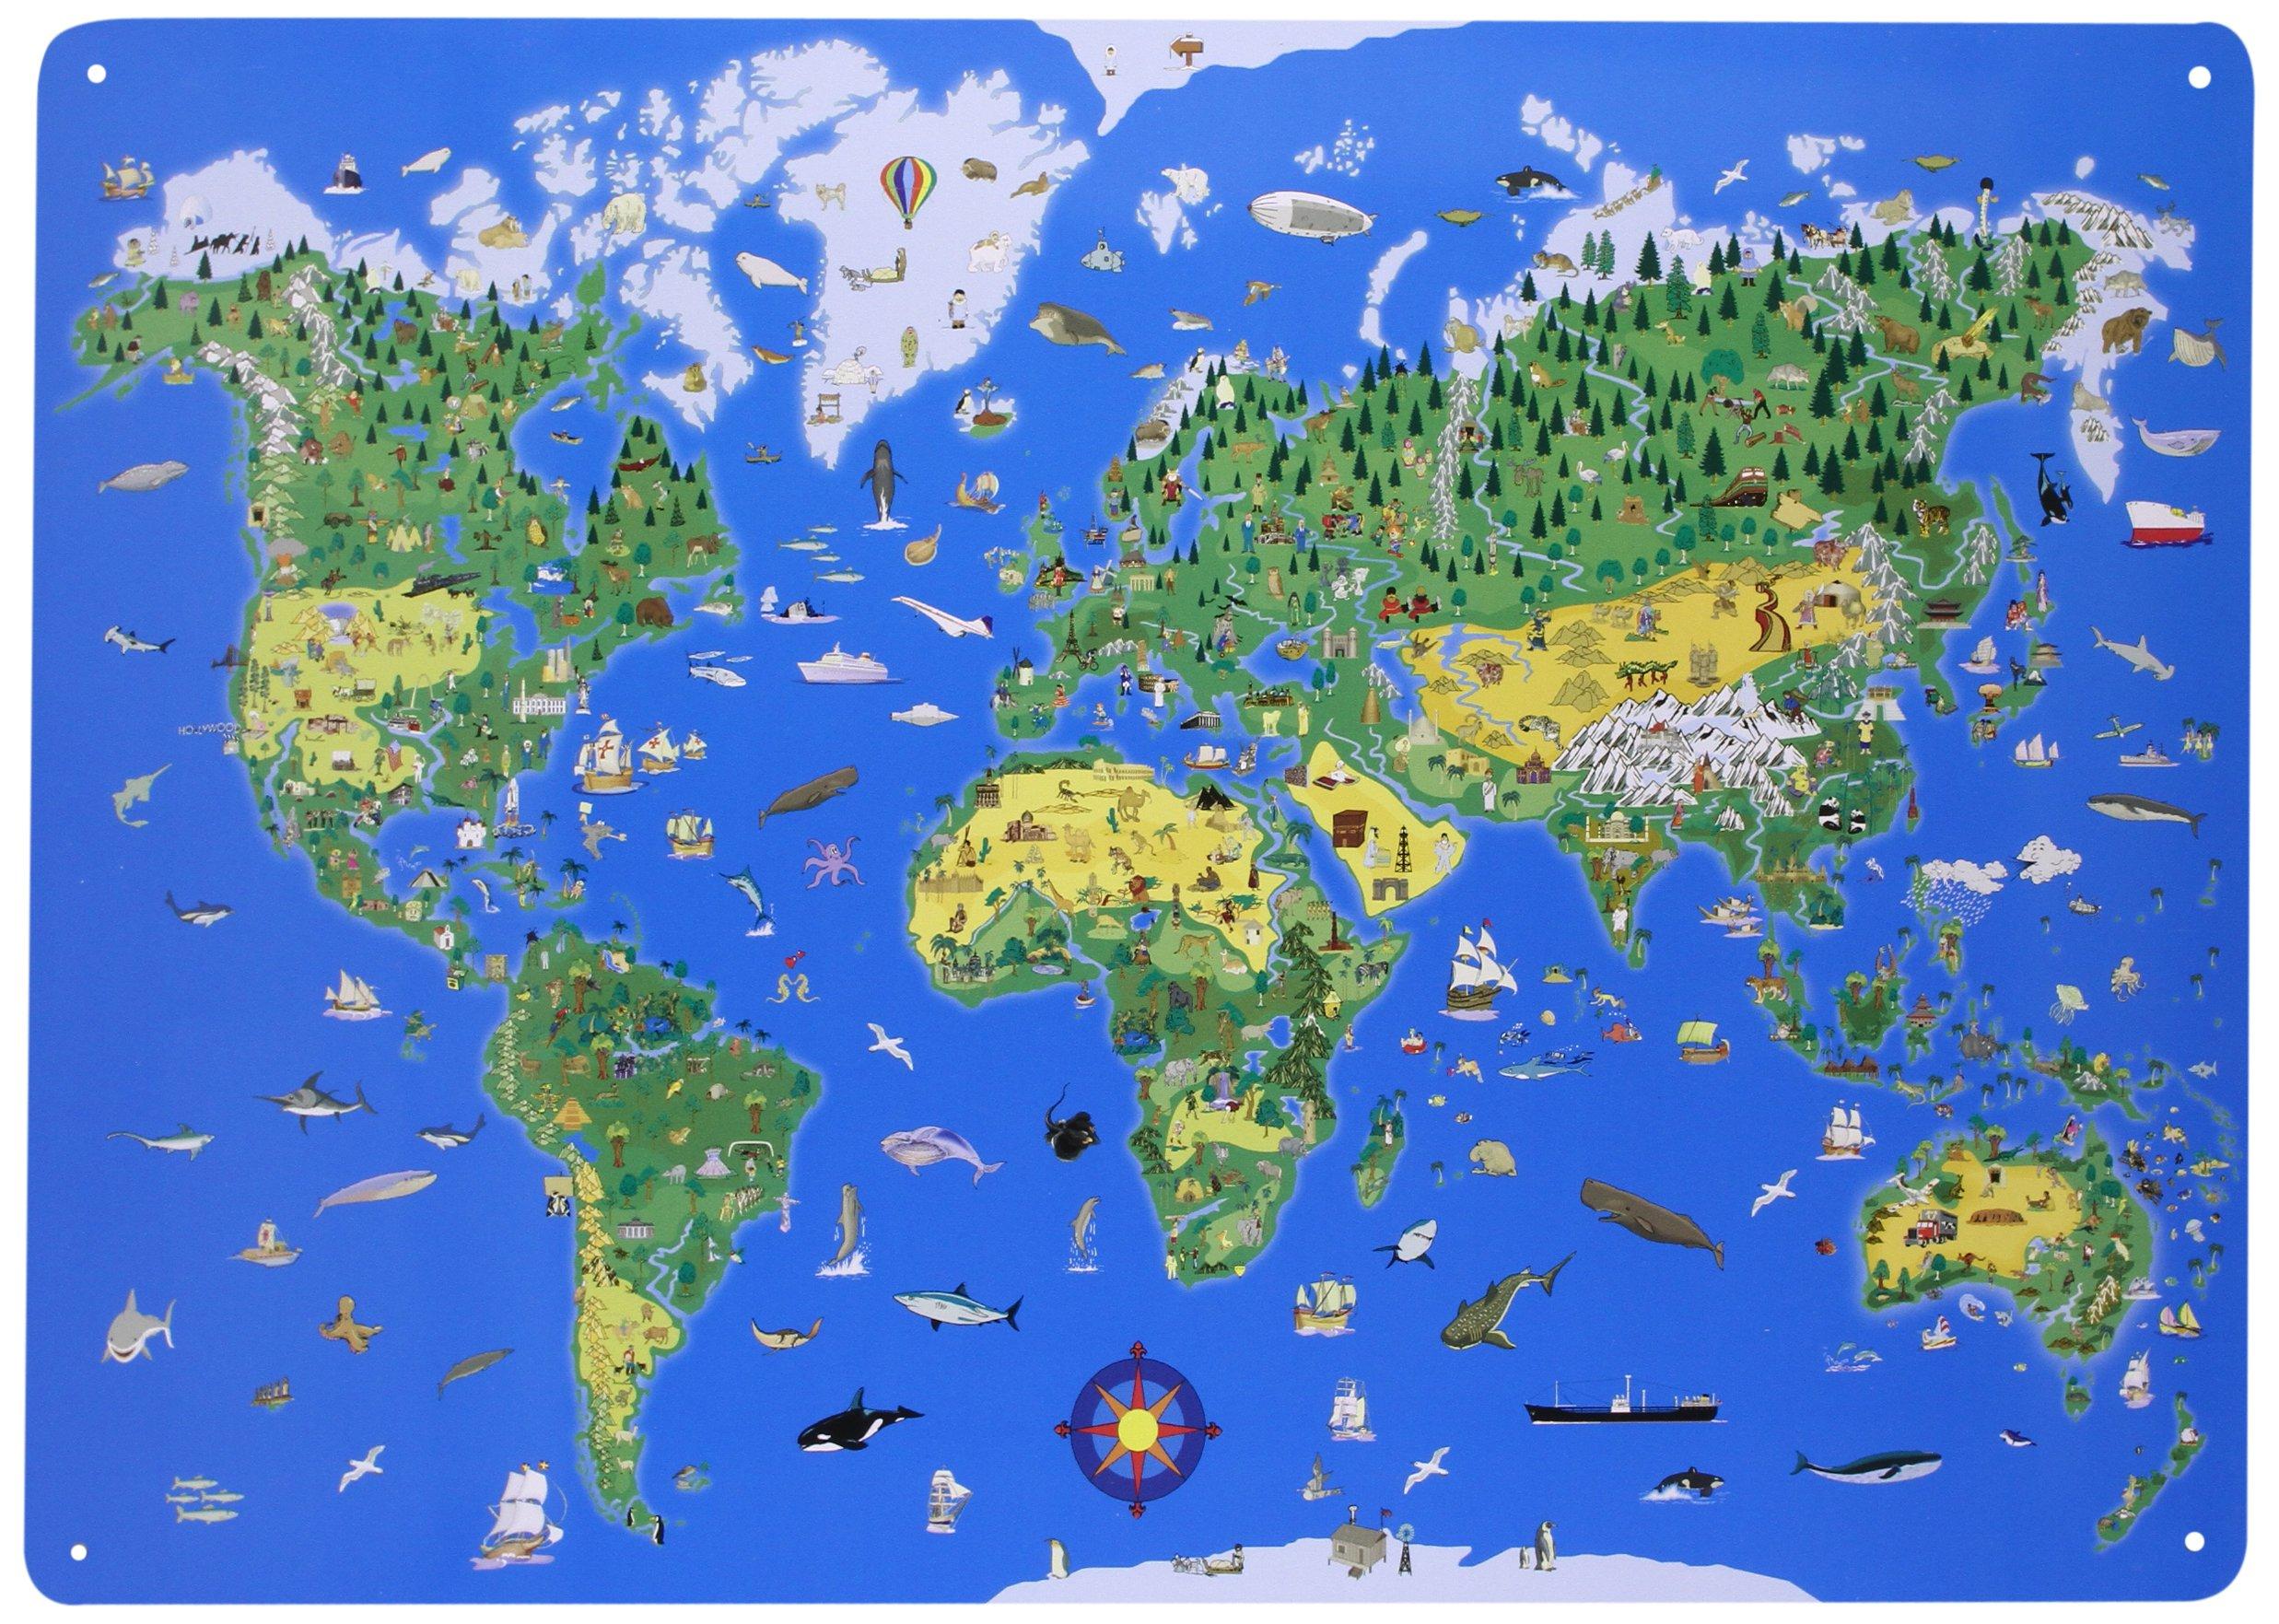 magnettafel weltkarte Magnettafel Illustrierte Weltkarte: Amazon.de: Bücher magnettafel weltkarte